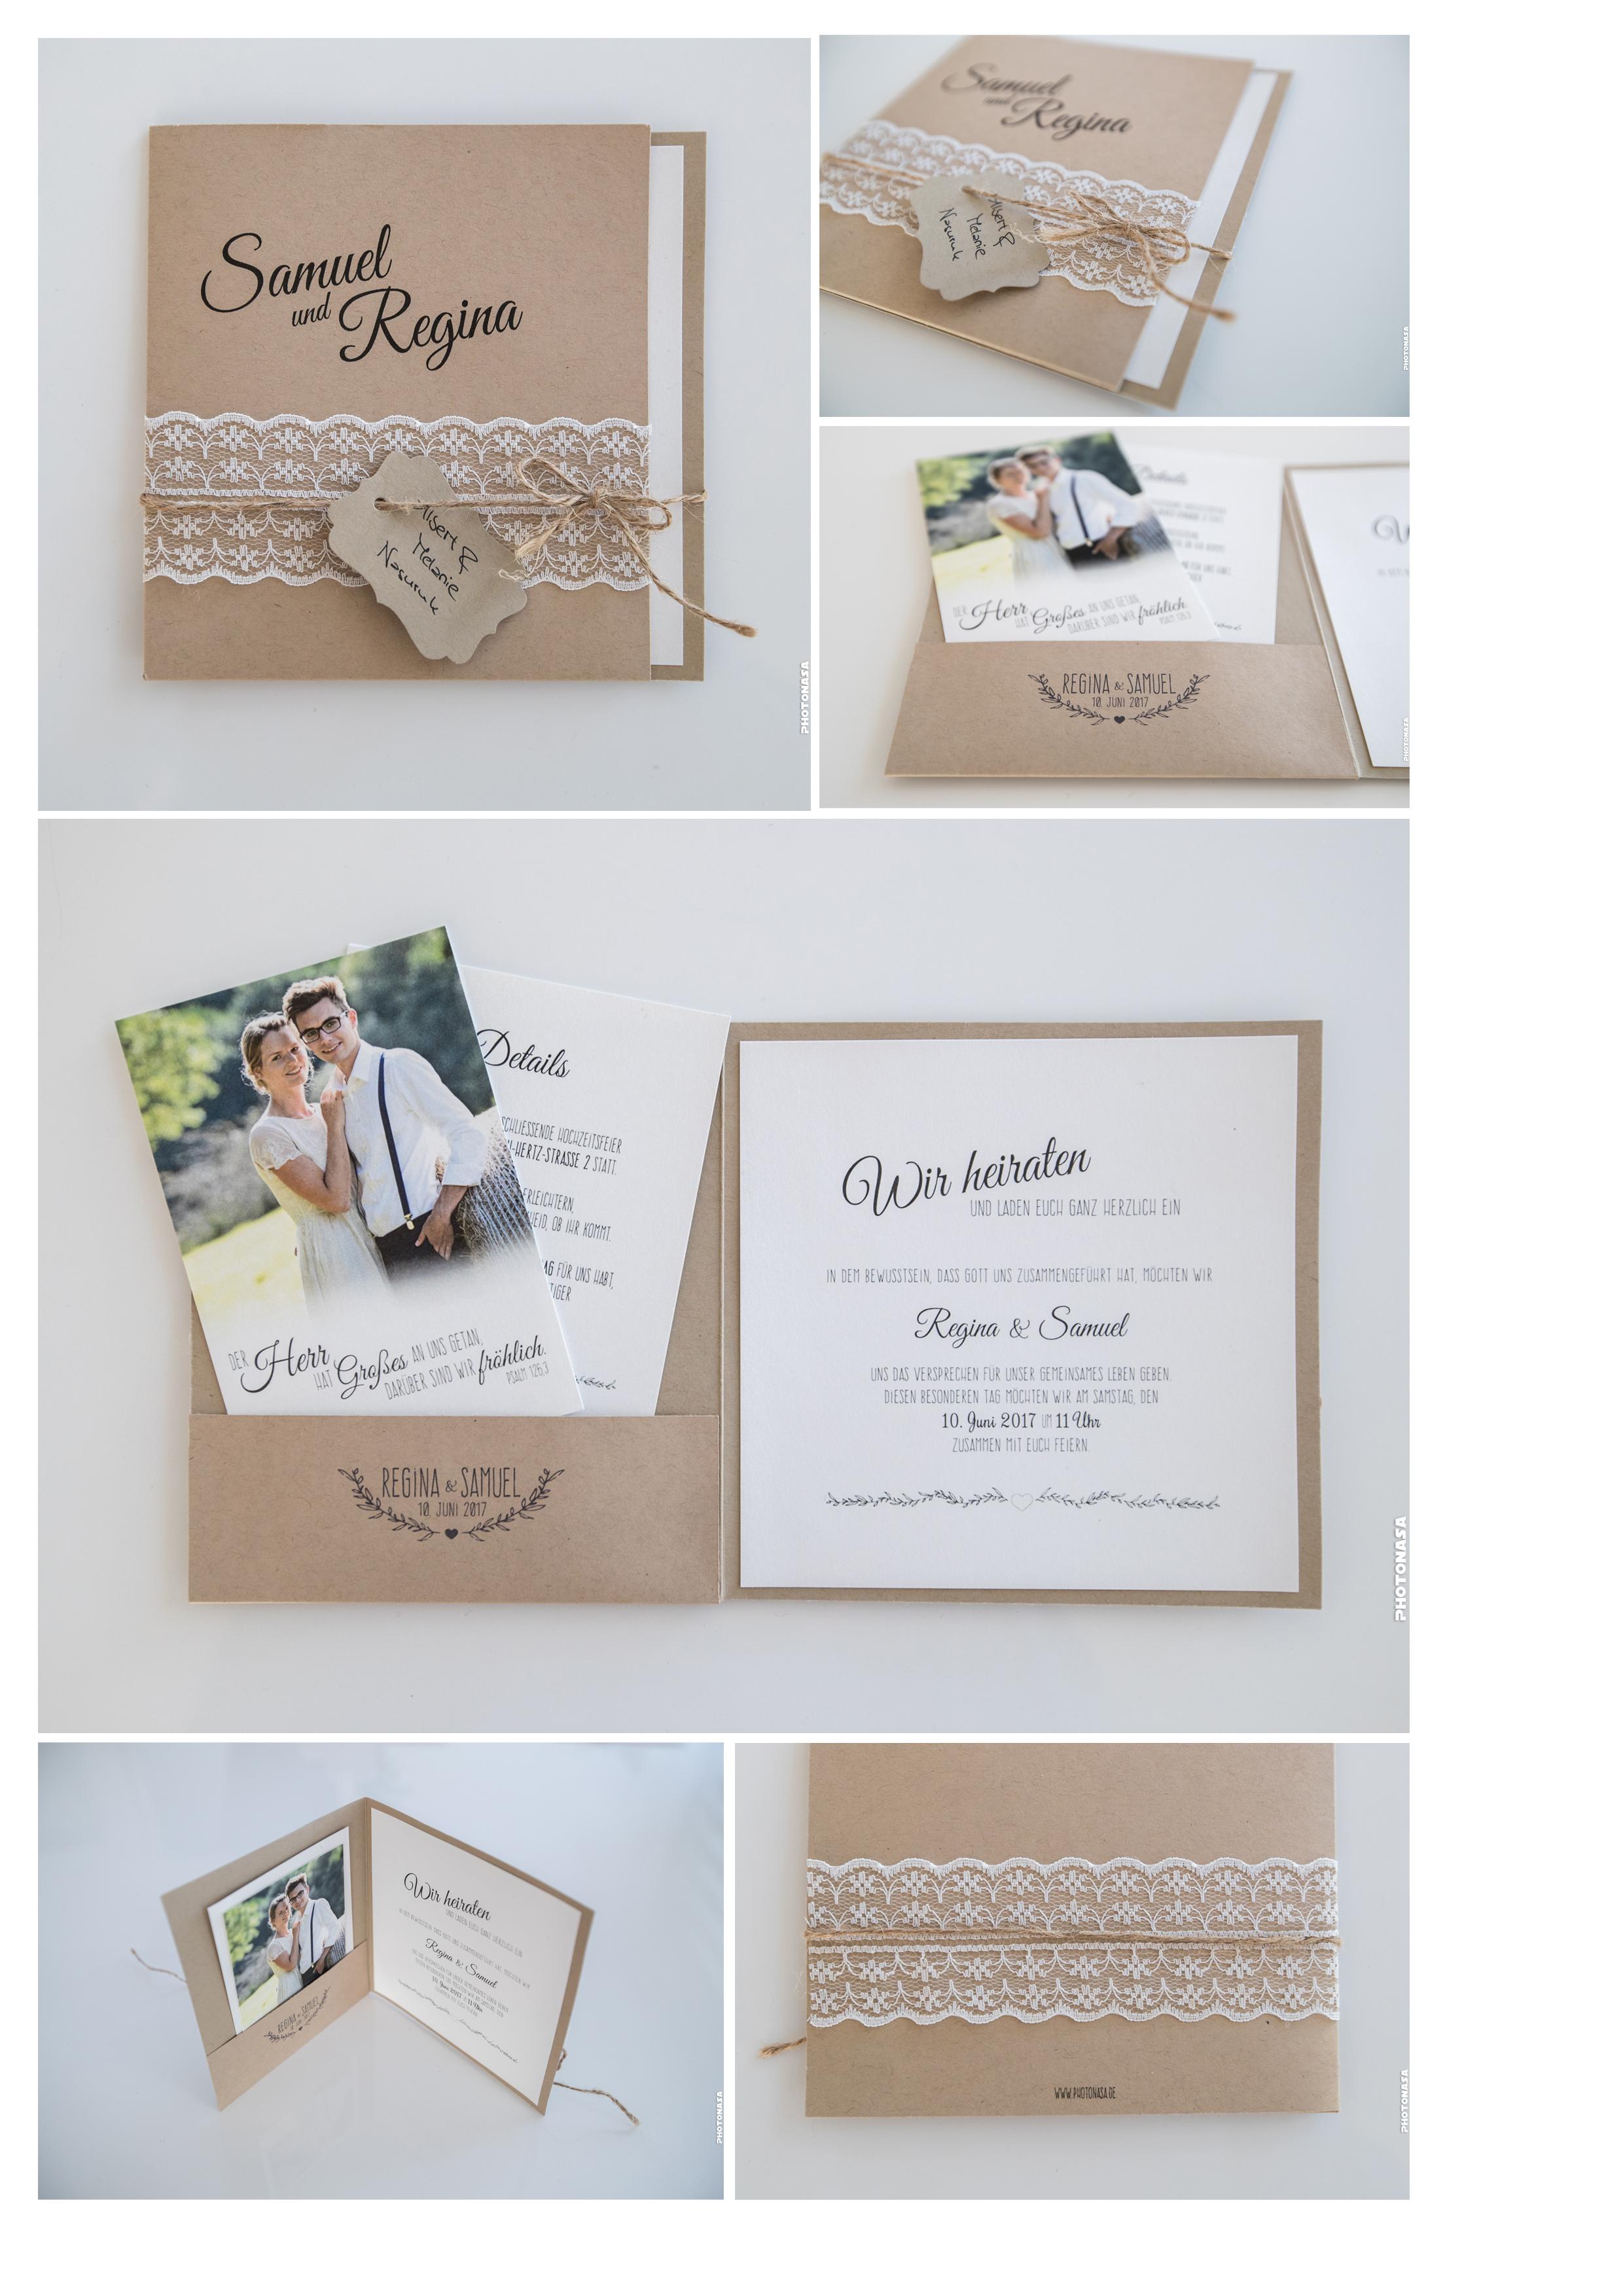 Hochzeitseinladung  Dankeskarten  Photonasa Photography